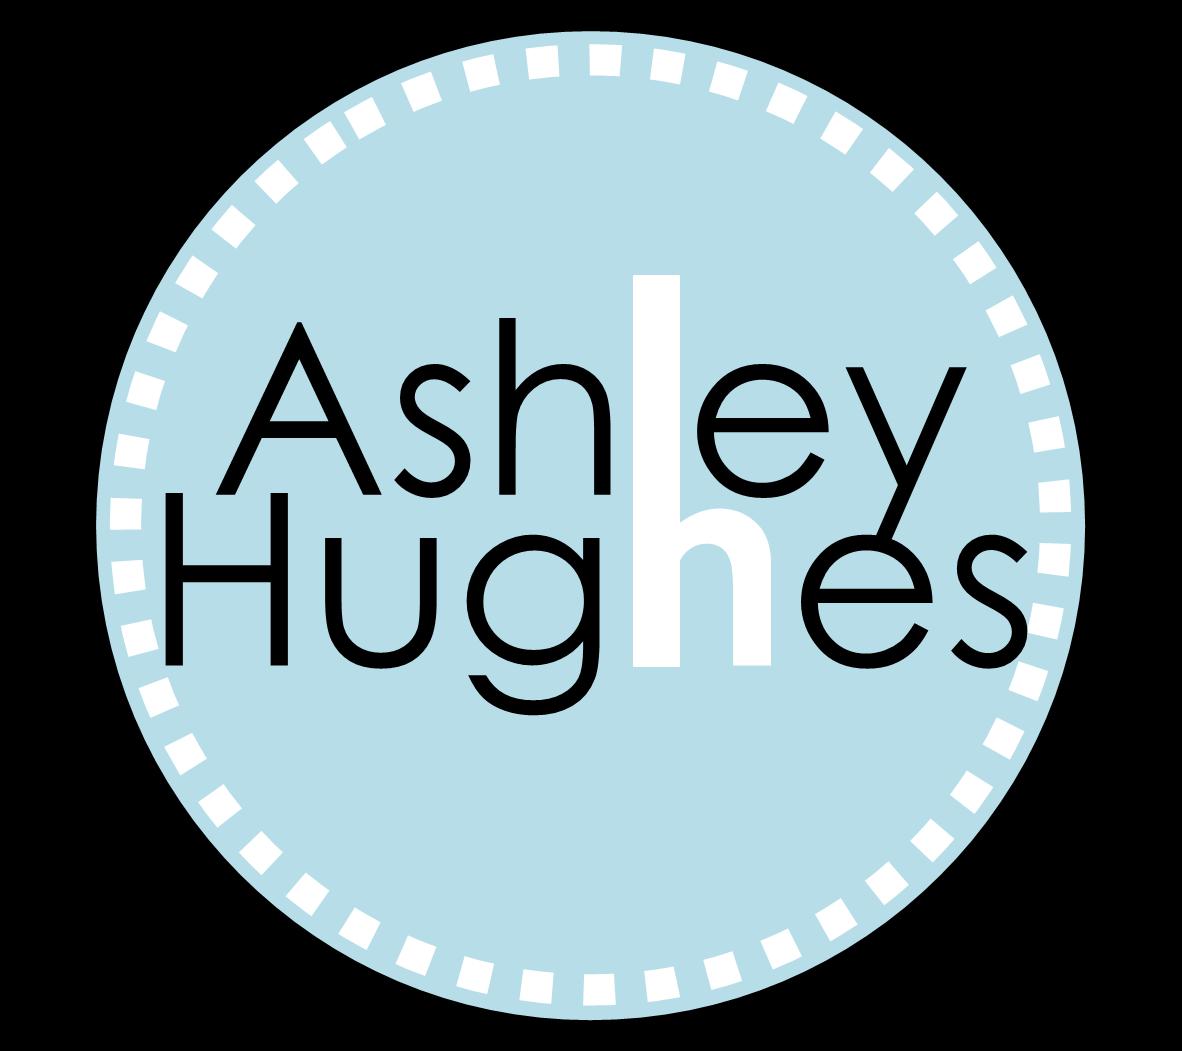 Ashley Hughes